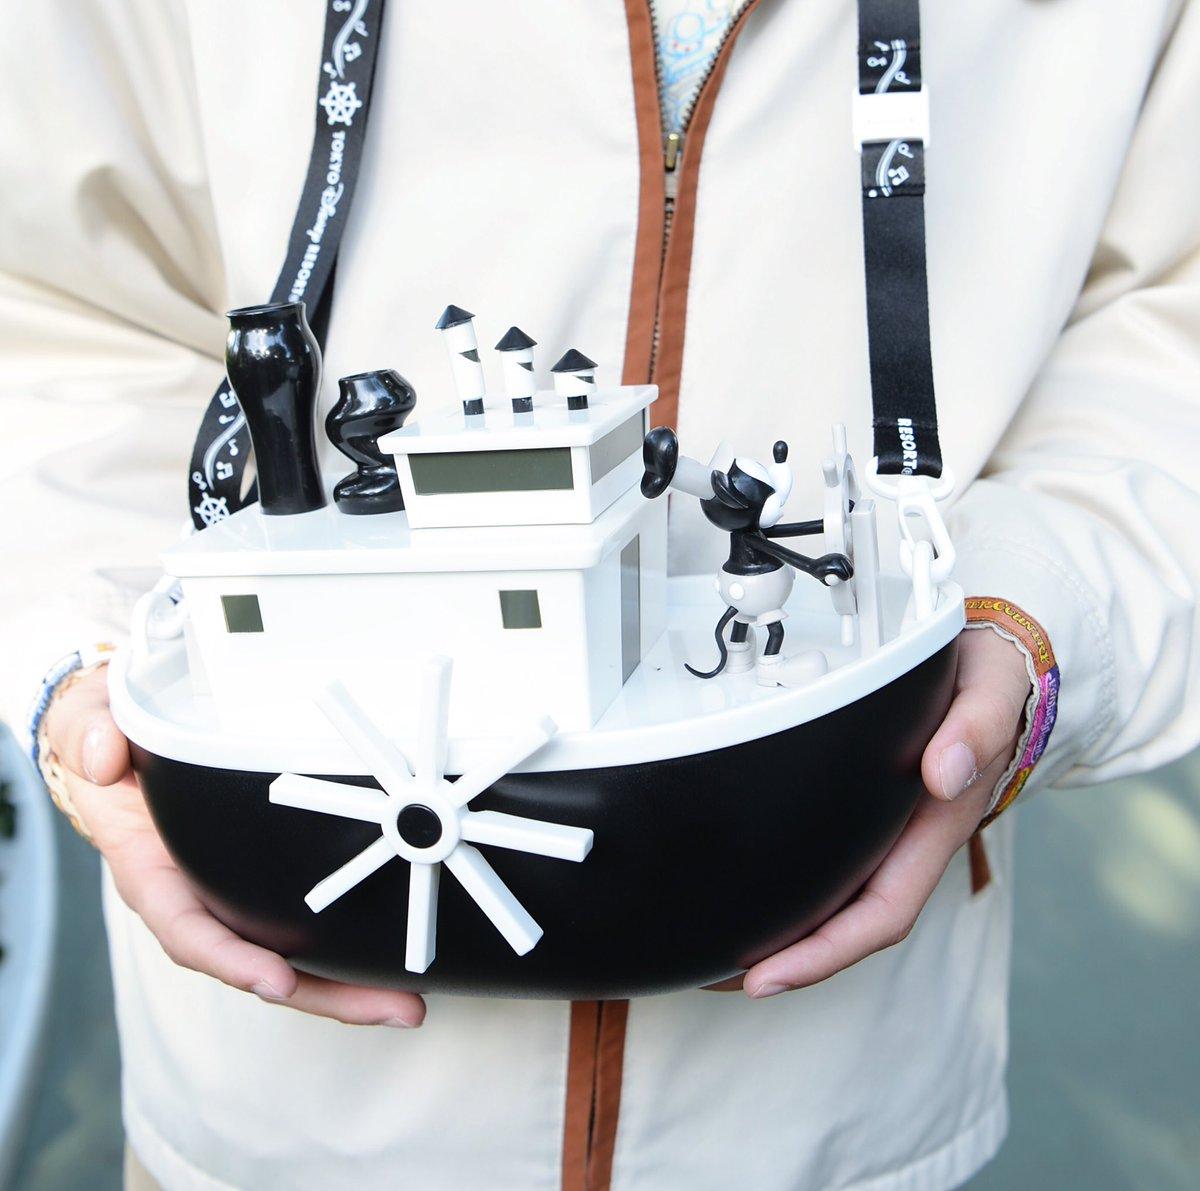 東京ディズニーランド 蒸気船ウィリーを再現したポップコーンバケット本日発売 現在最後尾から購入まで5時間待ちです